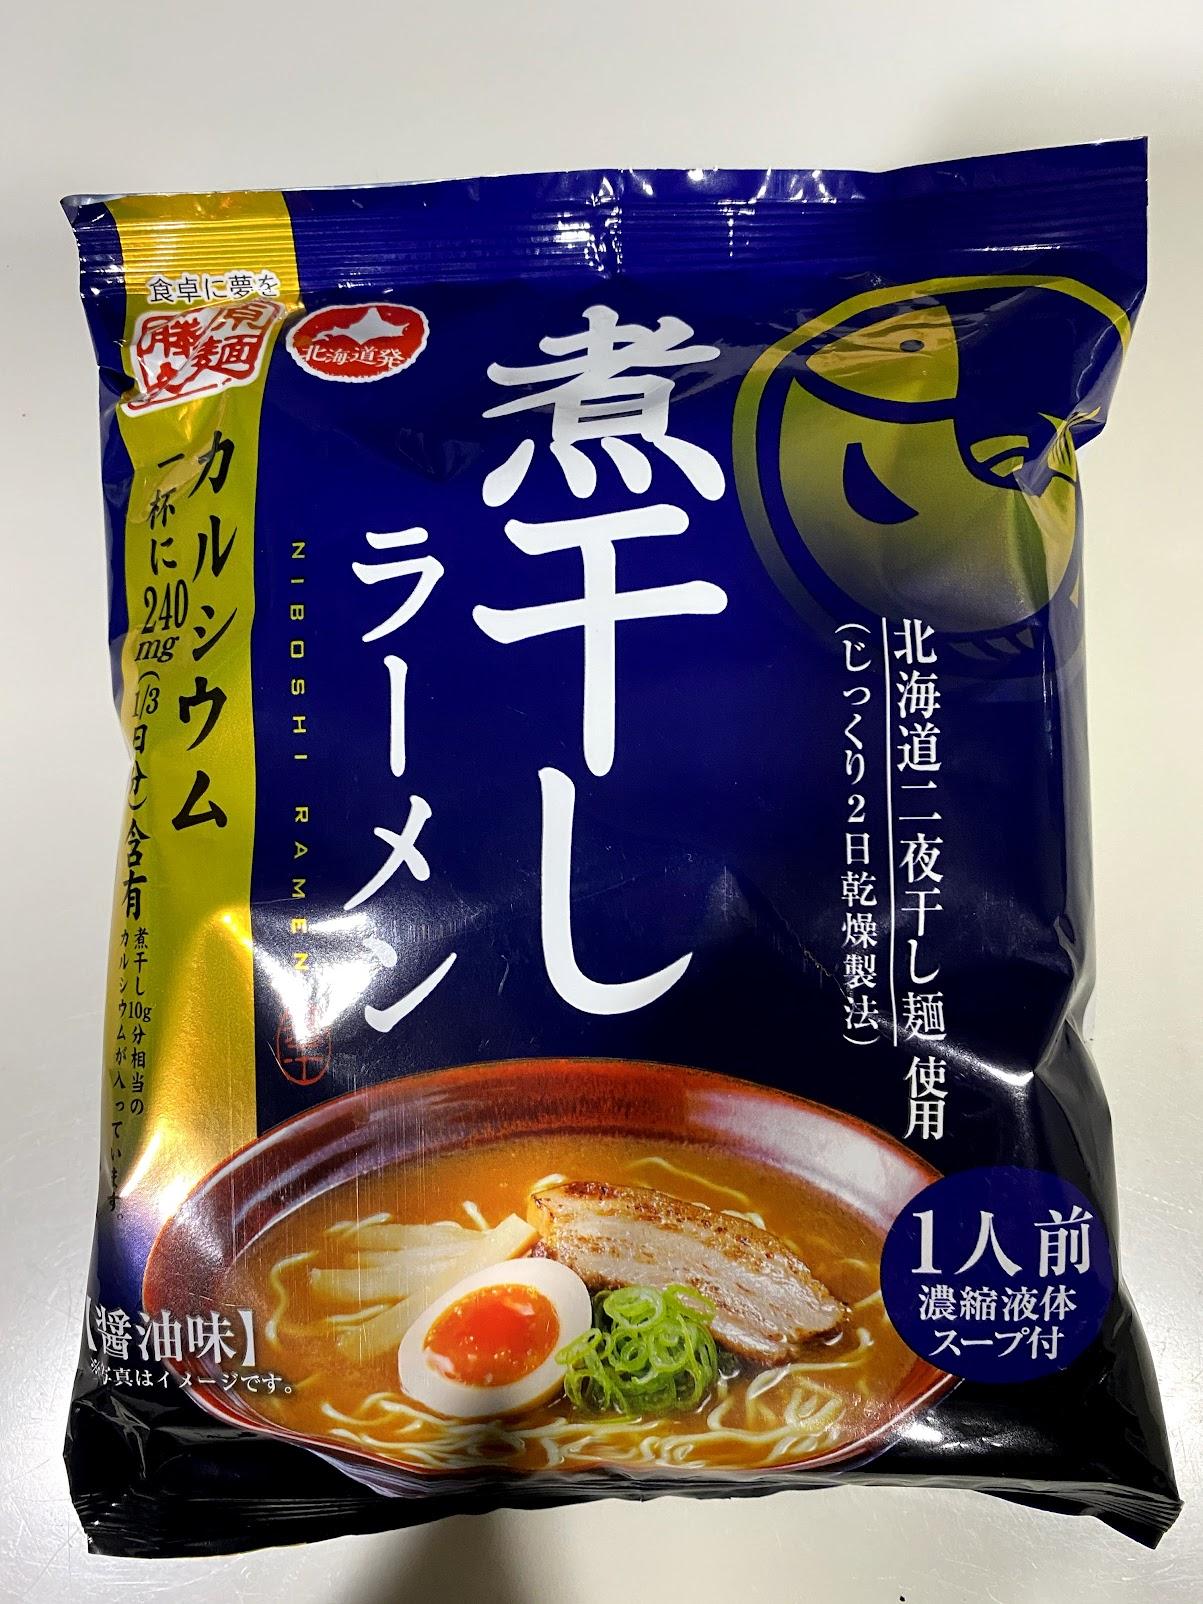 藤原製麺の煮干しラーメンのパッケージ